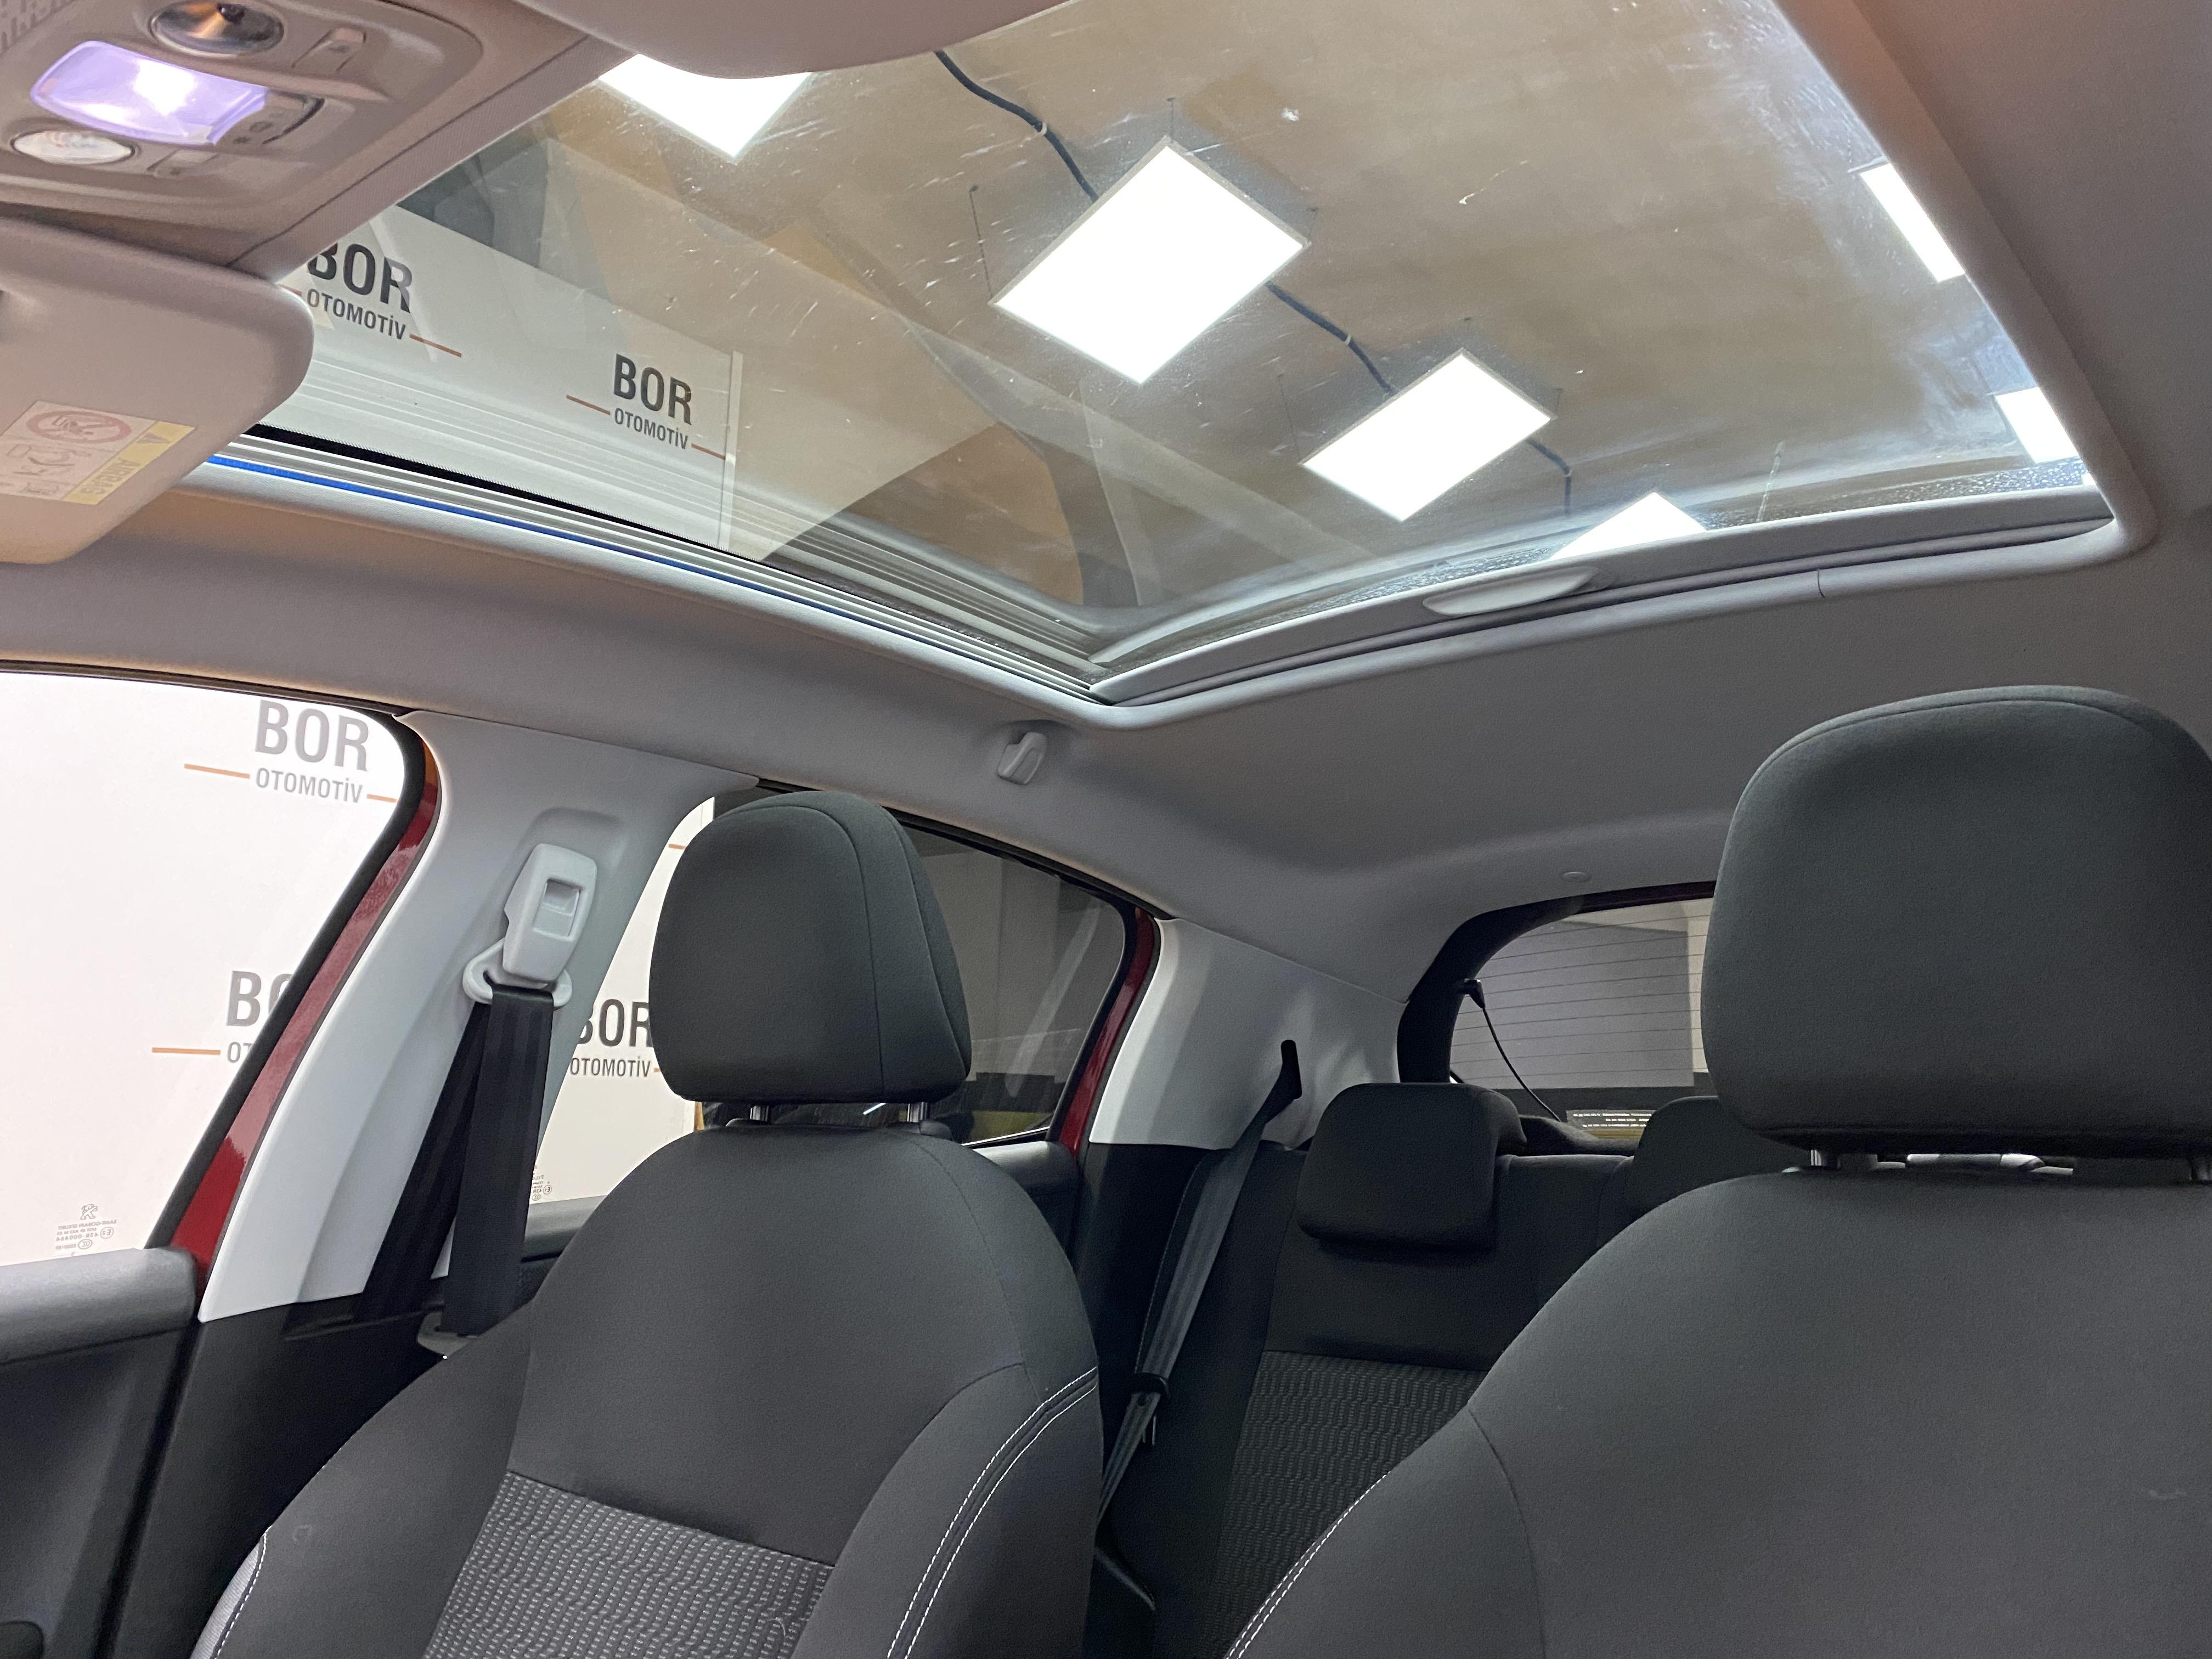 *2015*Peugeot 208 PureTech*Otomatik*Cam Tavan*48.000 Km'de*Full* full